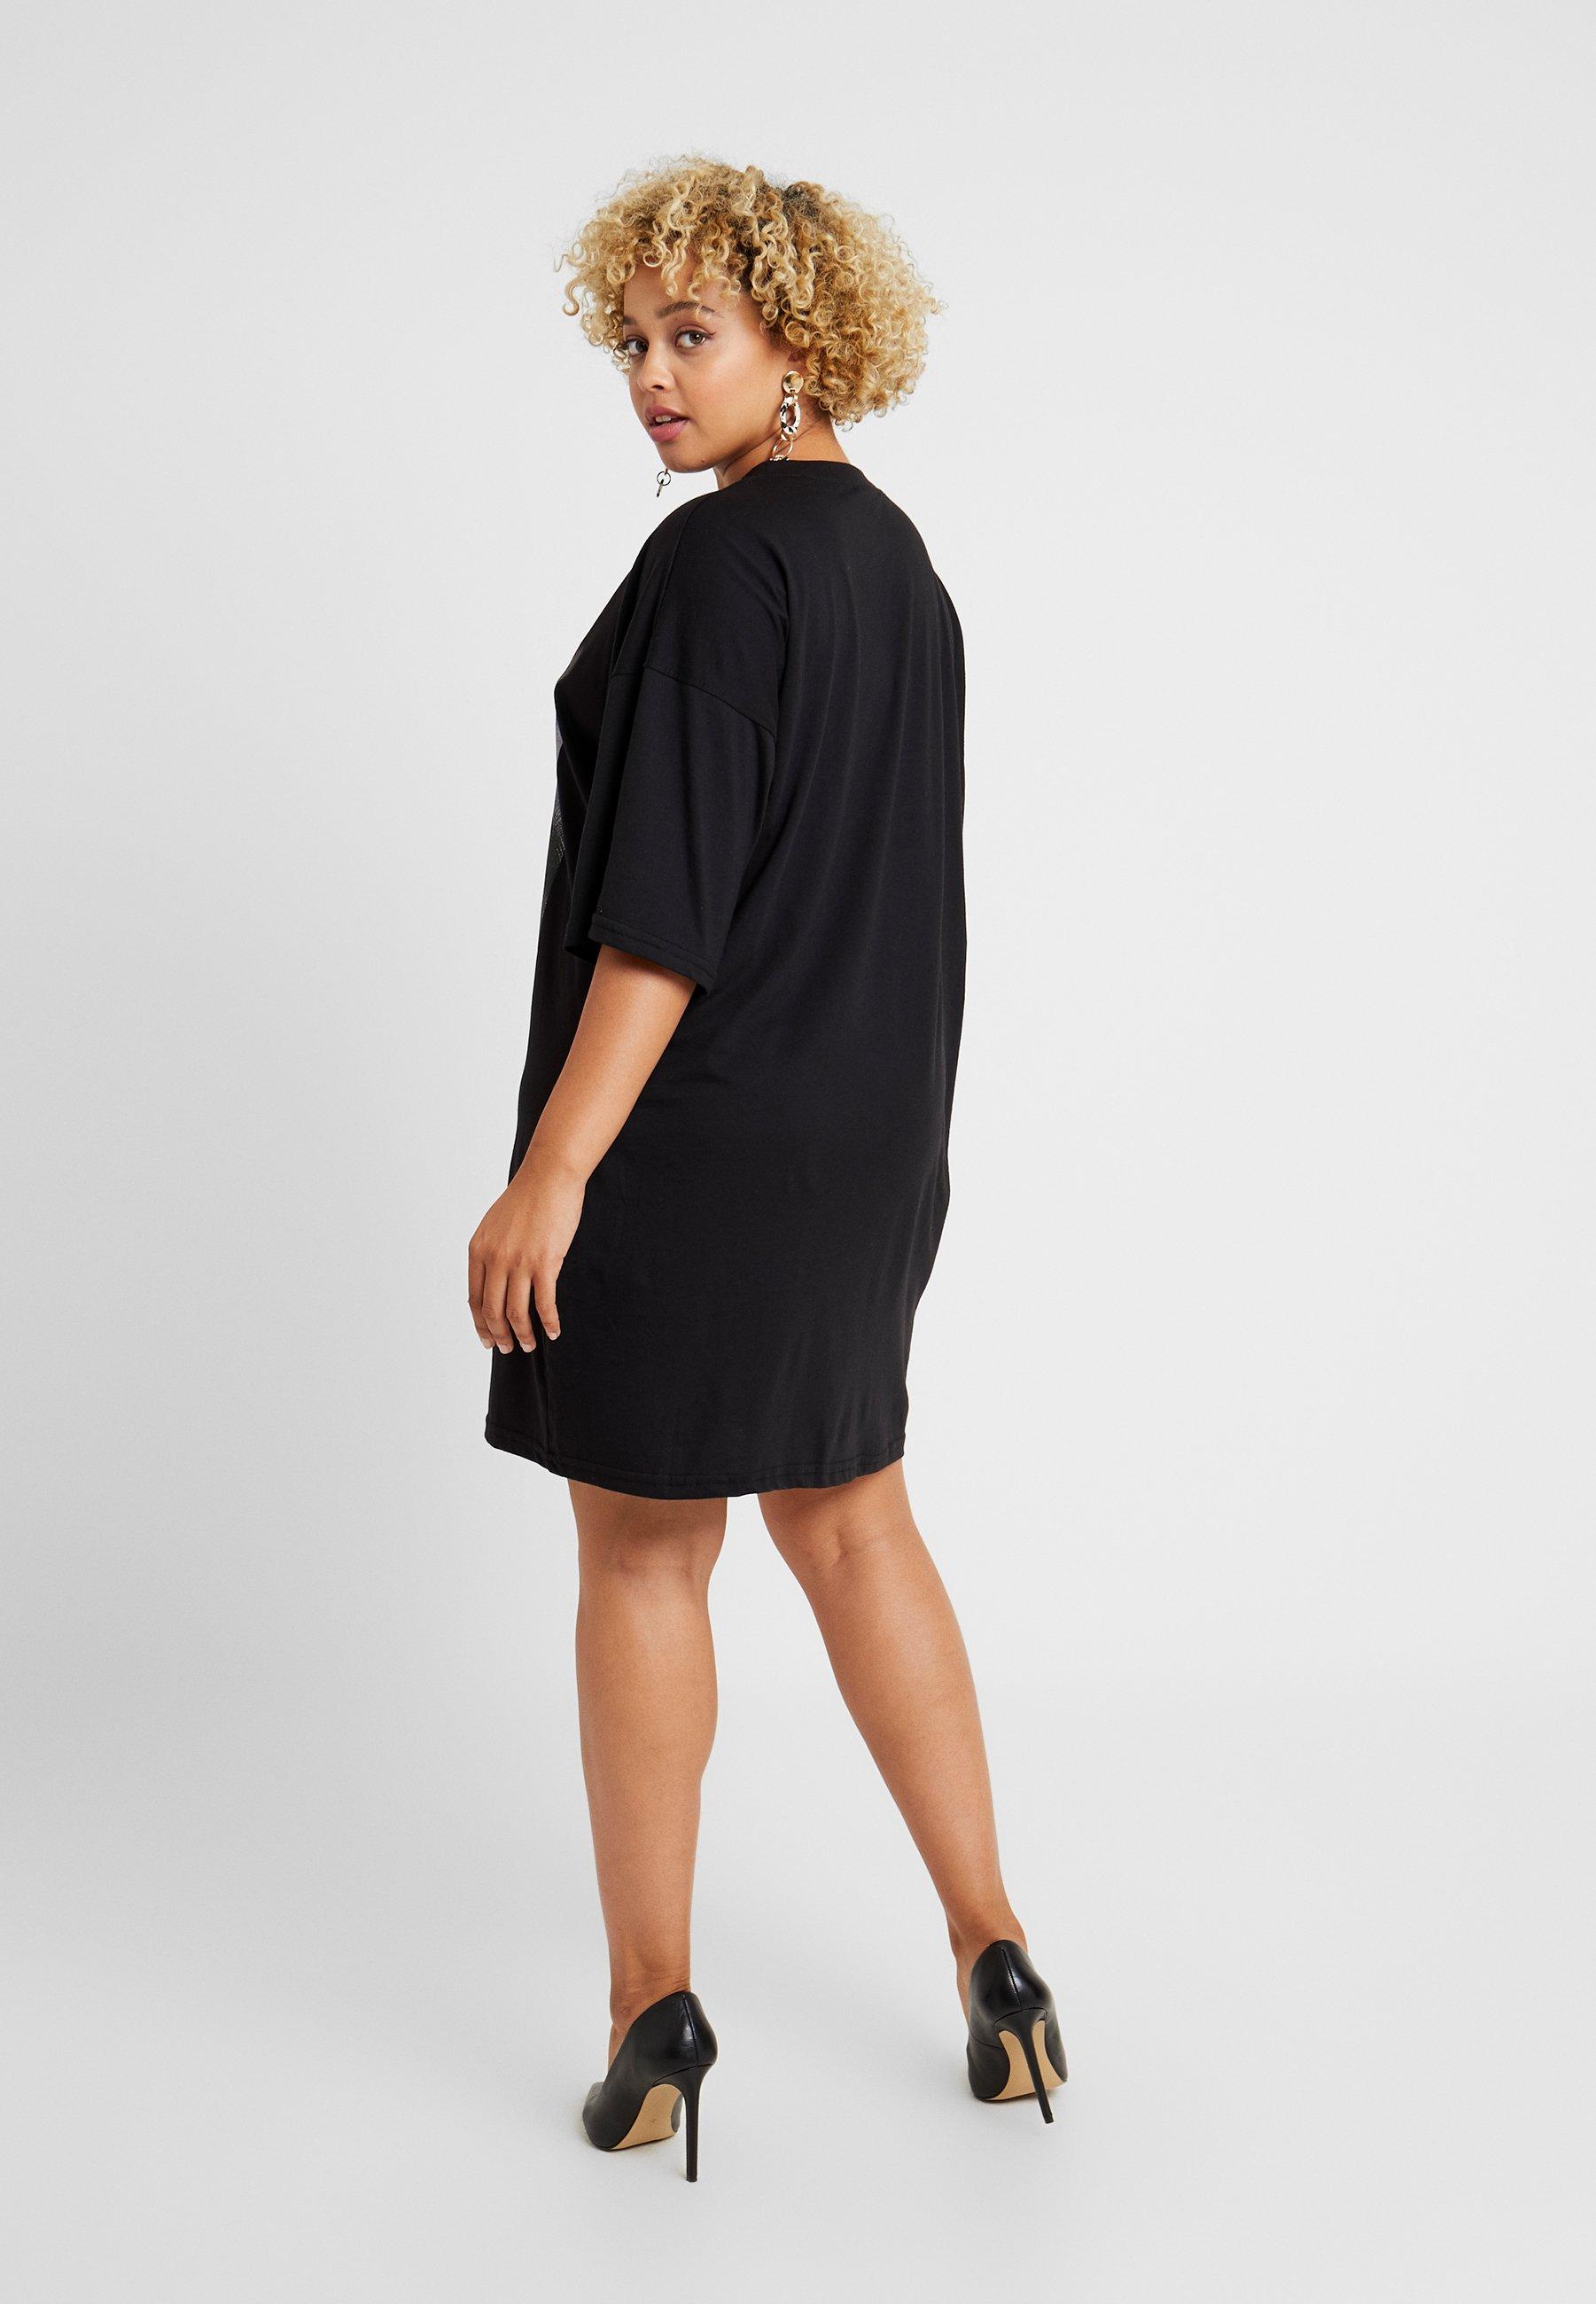 Missguided Black Feel Jersey Soul Shirt T Excluisve En Your Plus DressRobe c35L4jARq